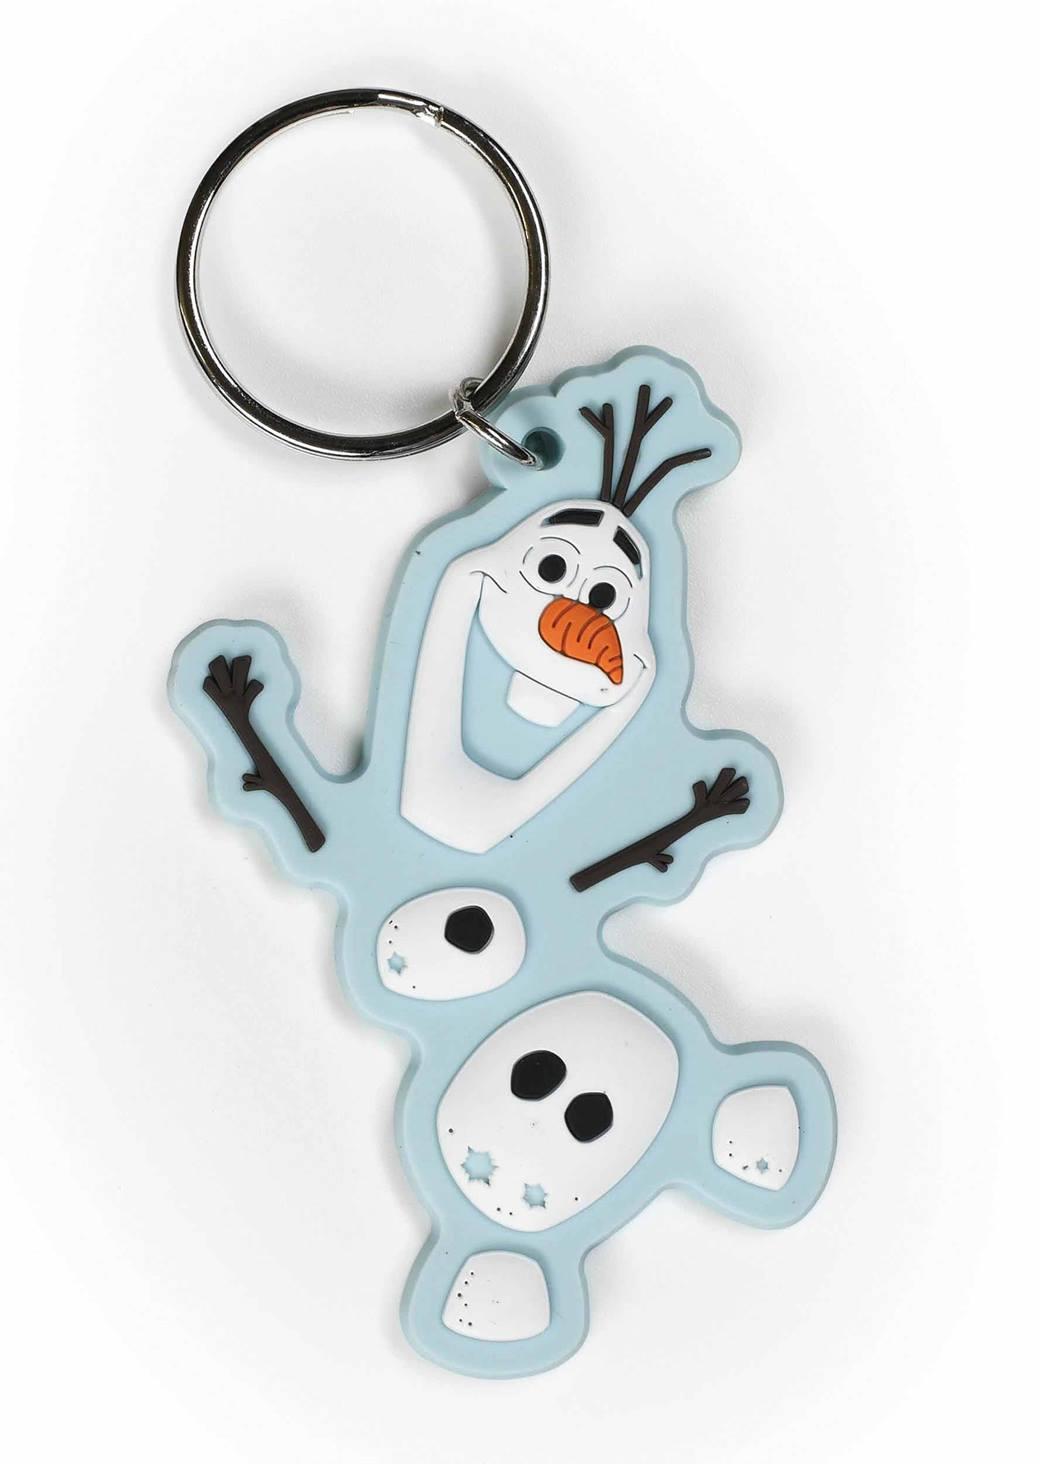 La reine des neiges 2 - Porte-clé Olaf